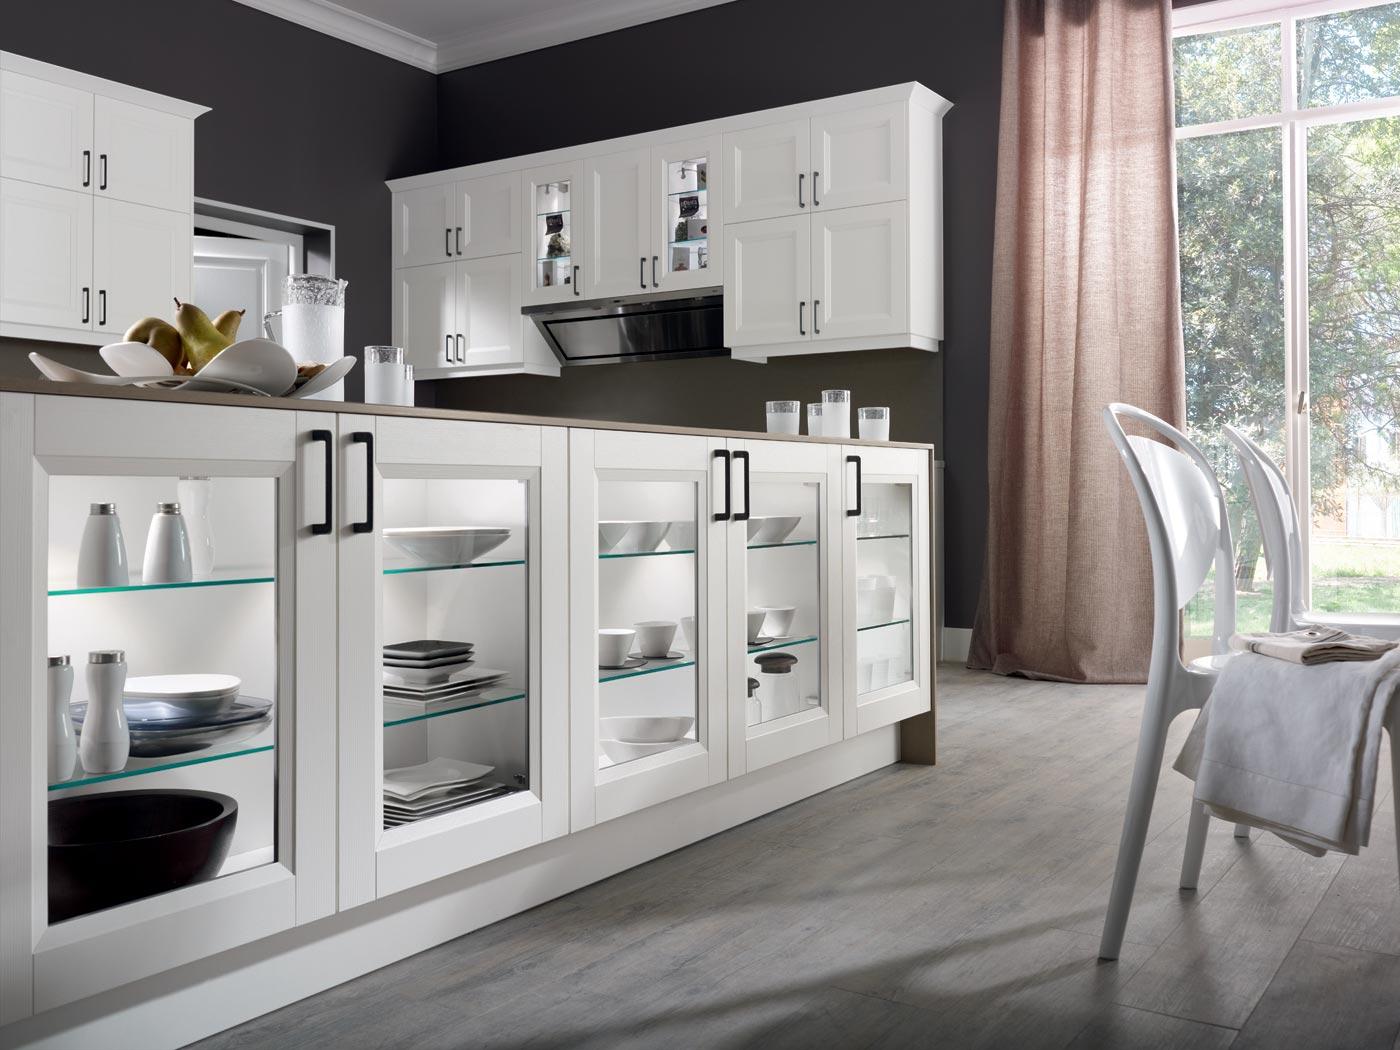 cuisine integree moderne recente blanc laque avec des id es int ressantes pour la. Black Bedroom Furniture Sets. Home Design Ideas